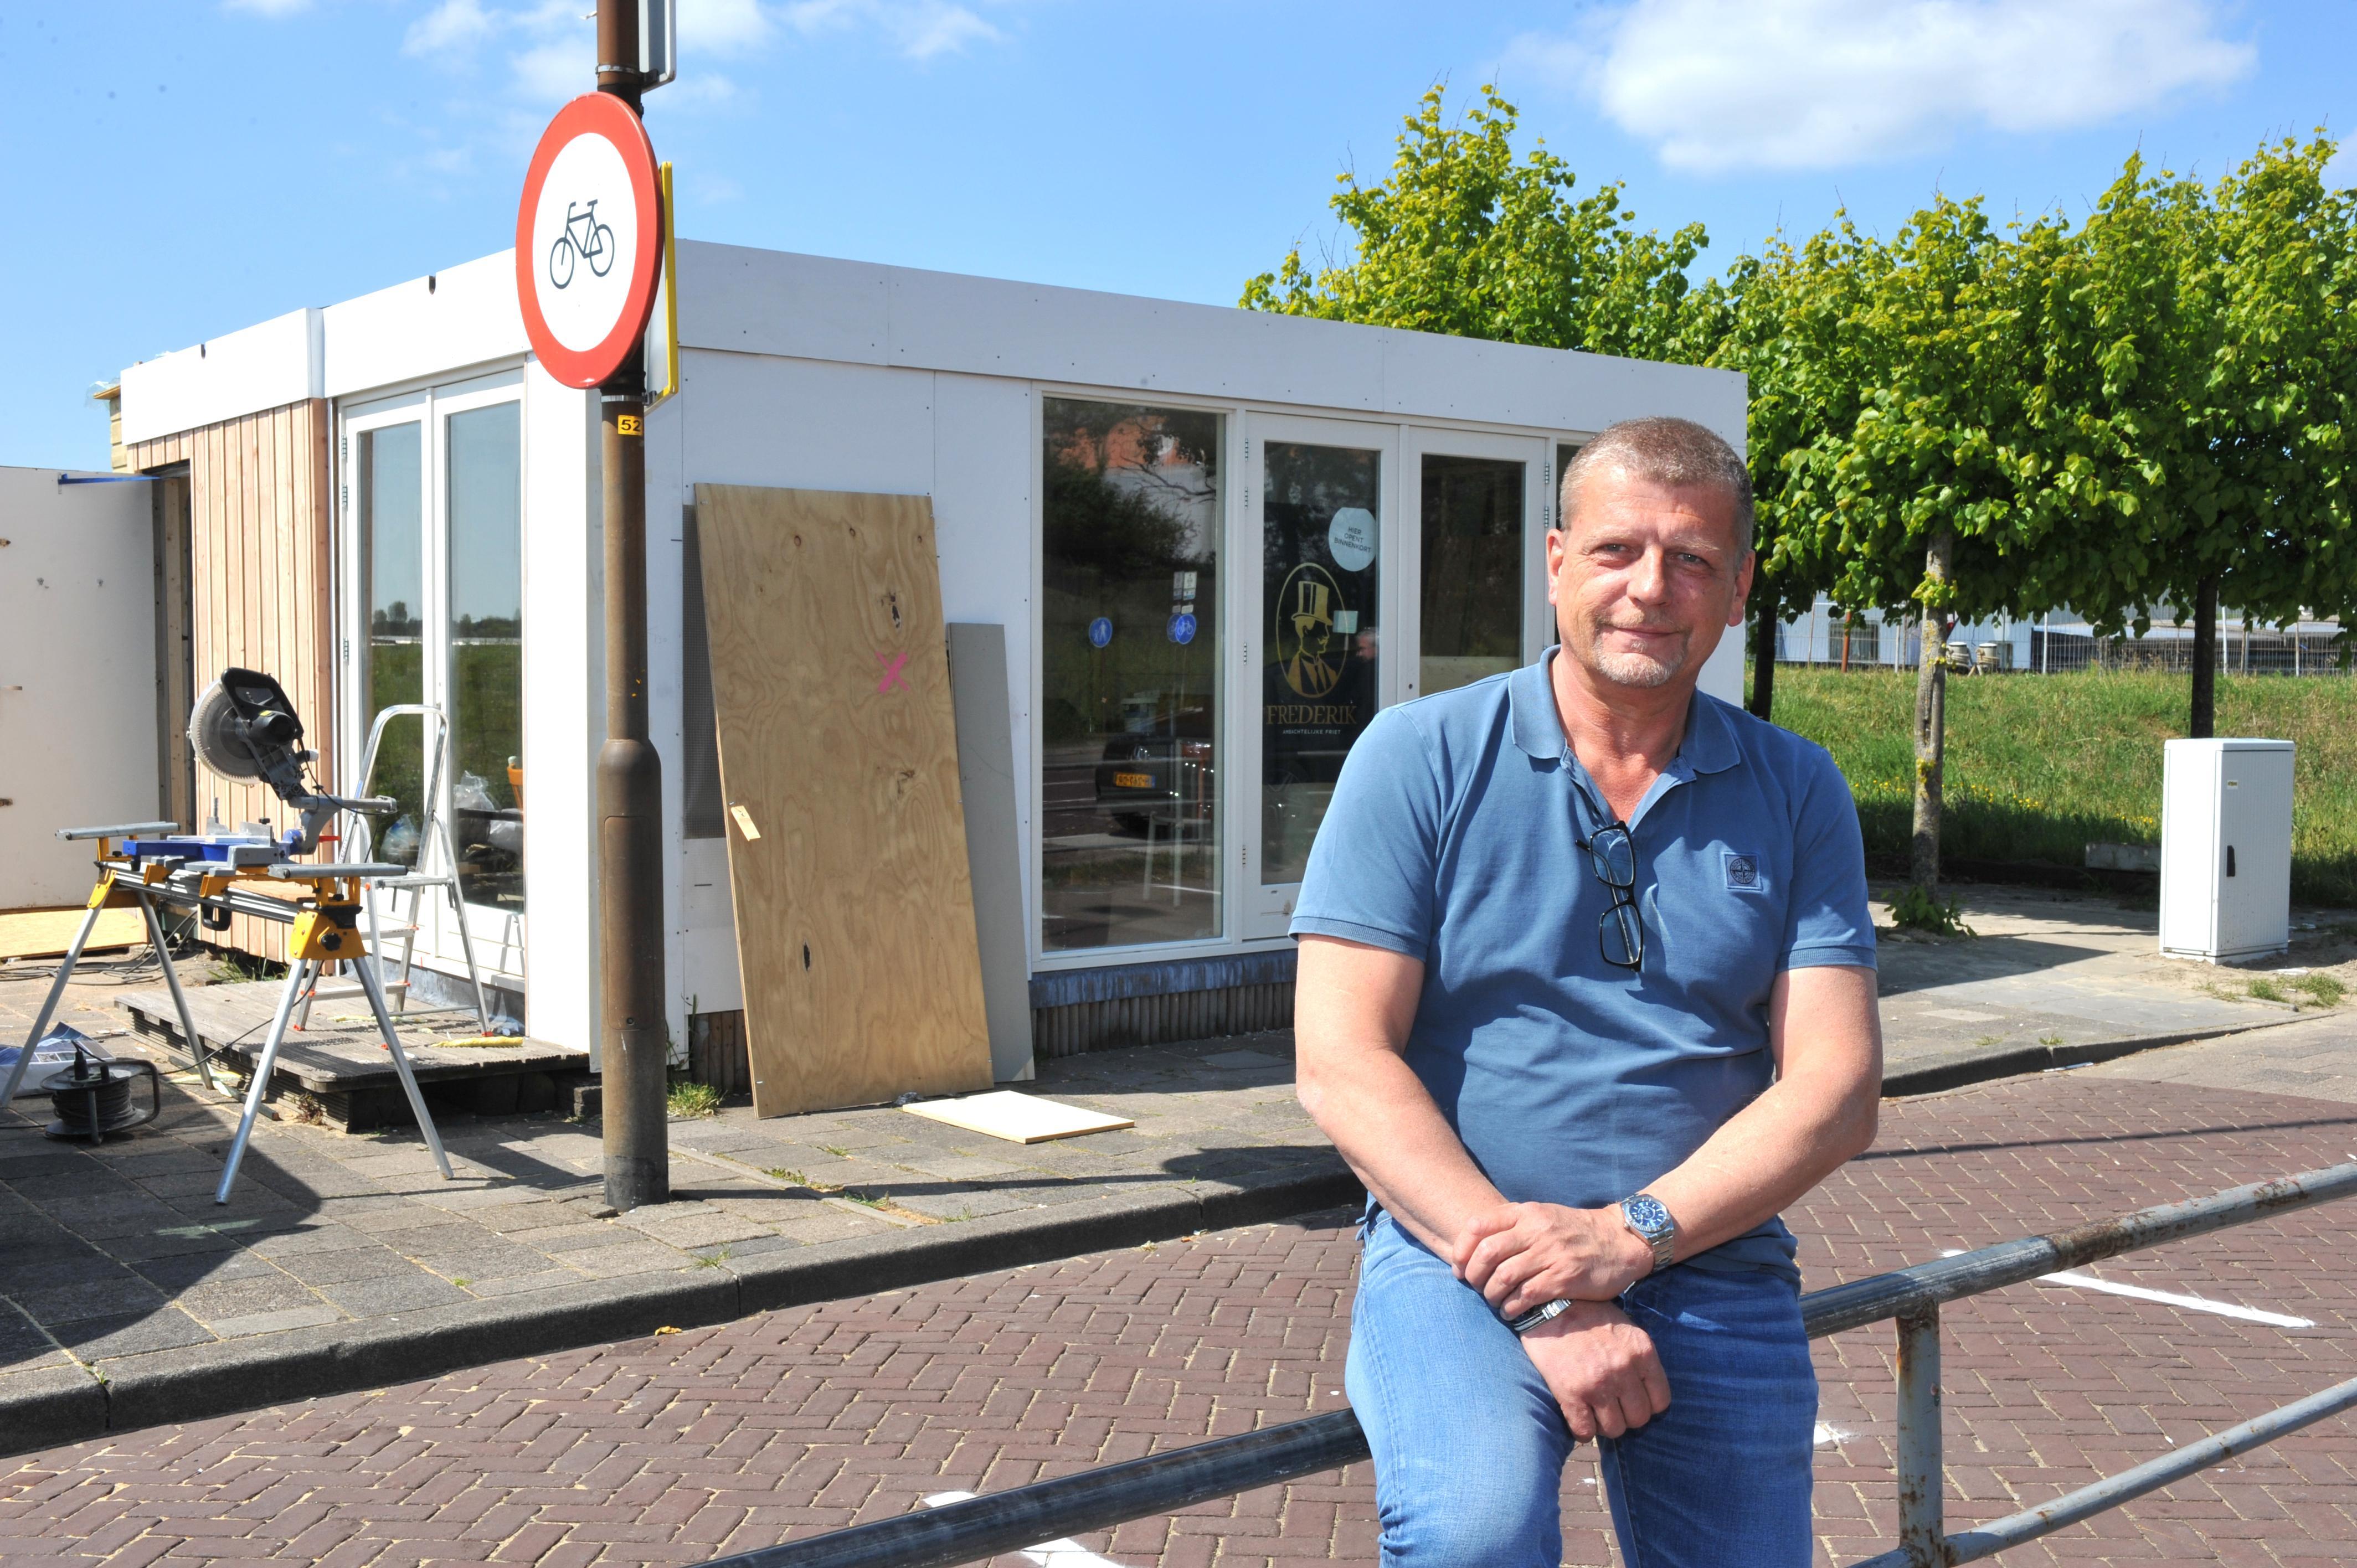 Een tijdelijk omgebouwde zaak, wachtlijnen op de grond, andere openingsuren, maar de gratis patat-actie bij Frederik Ambachtelijke Friet in Velsen-Noord gaat maandag door